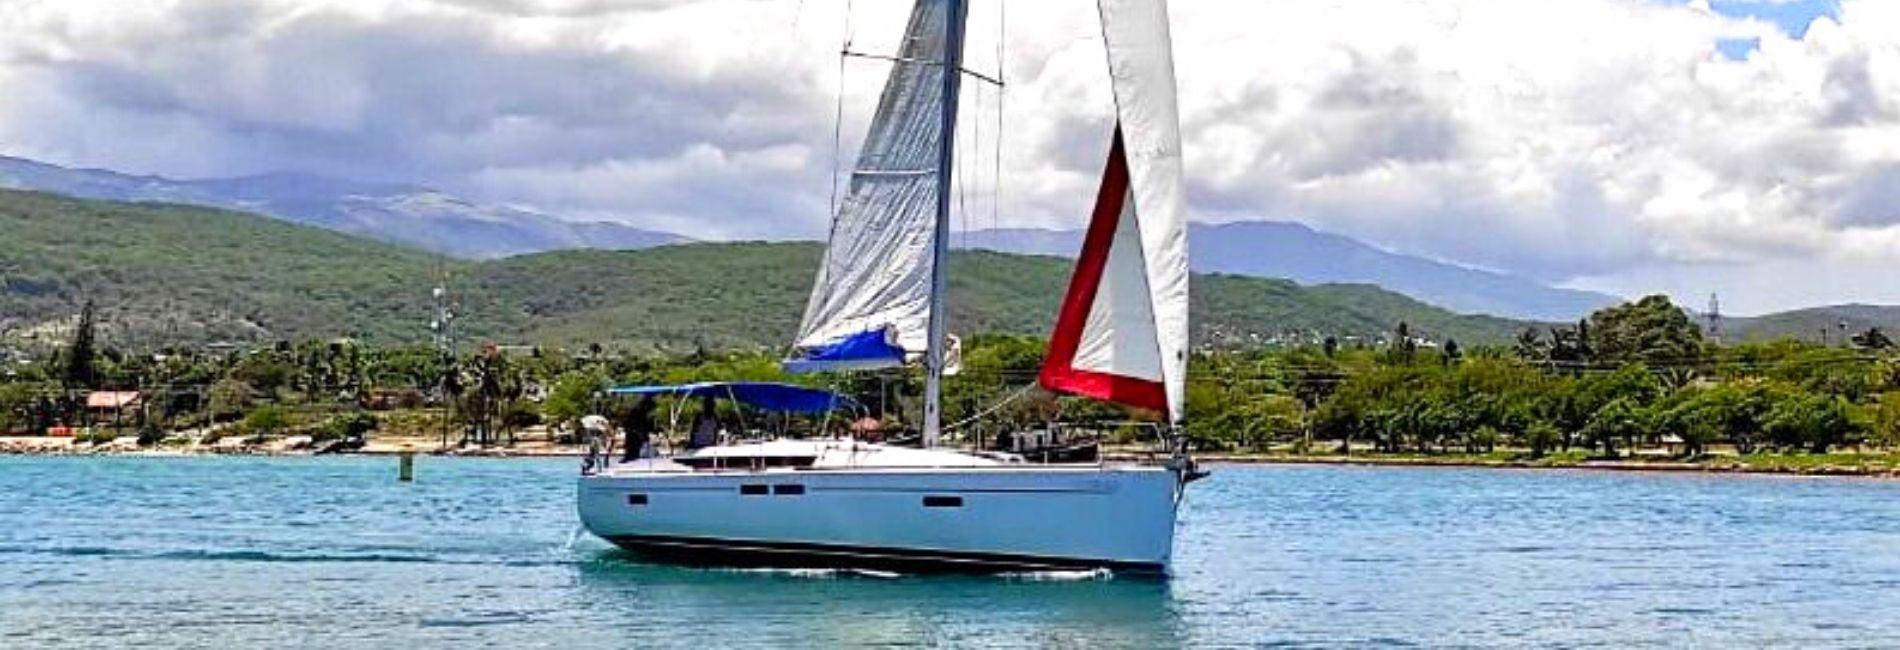 Jeanneau Sun Odyssey 469 for sale